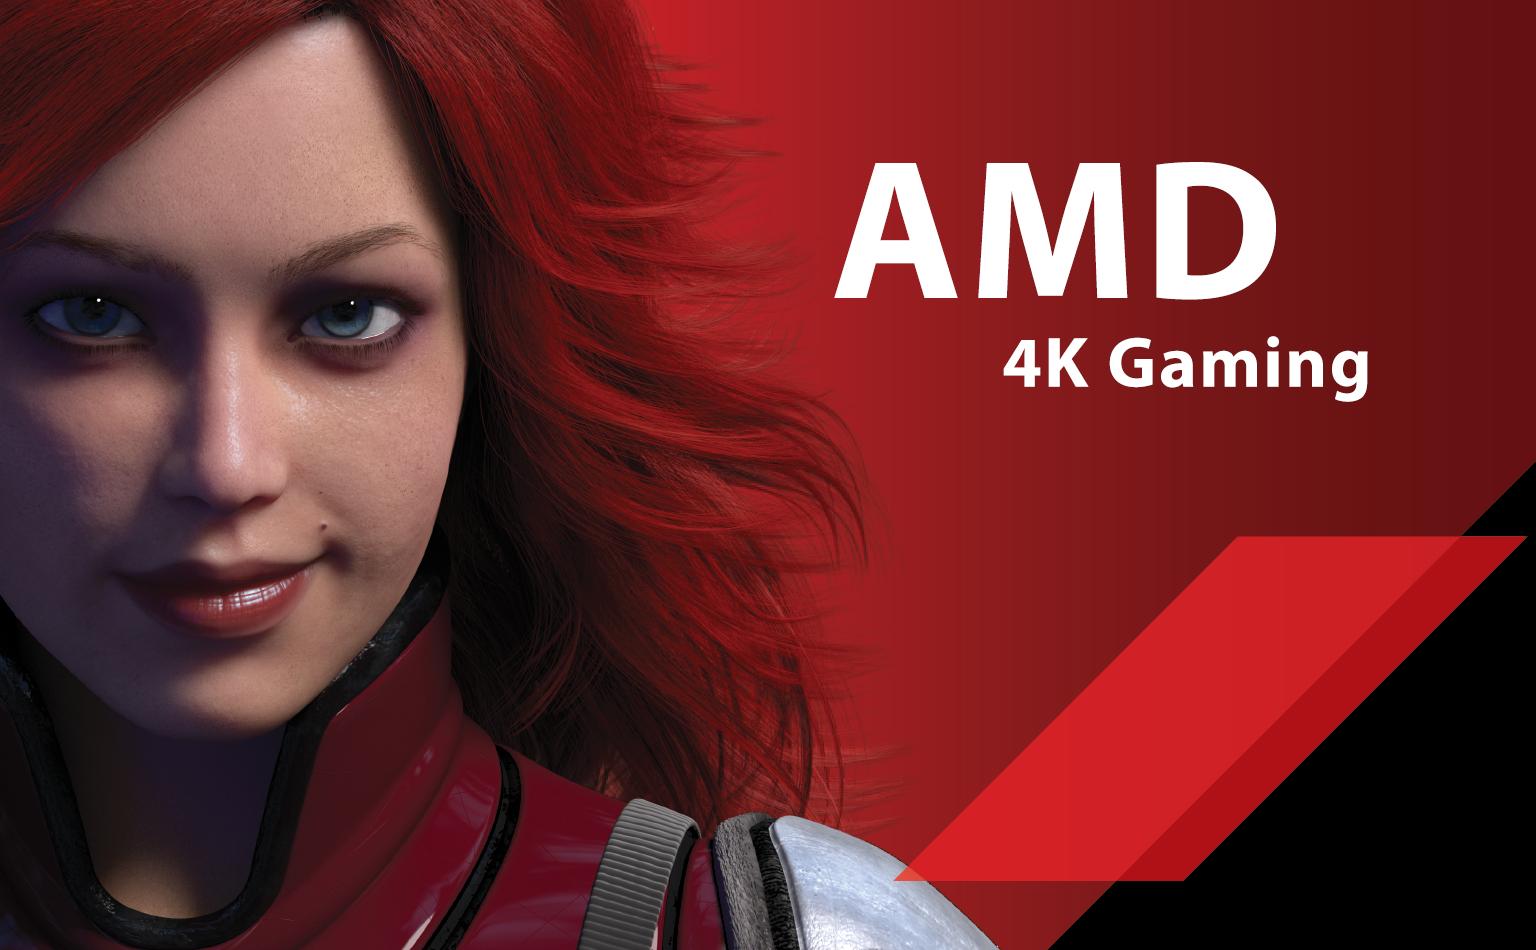 Nvidia Geforce GTX 960 Vs Radeon R9 280 4K Benchmarks